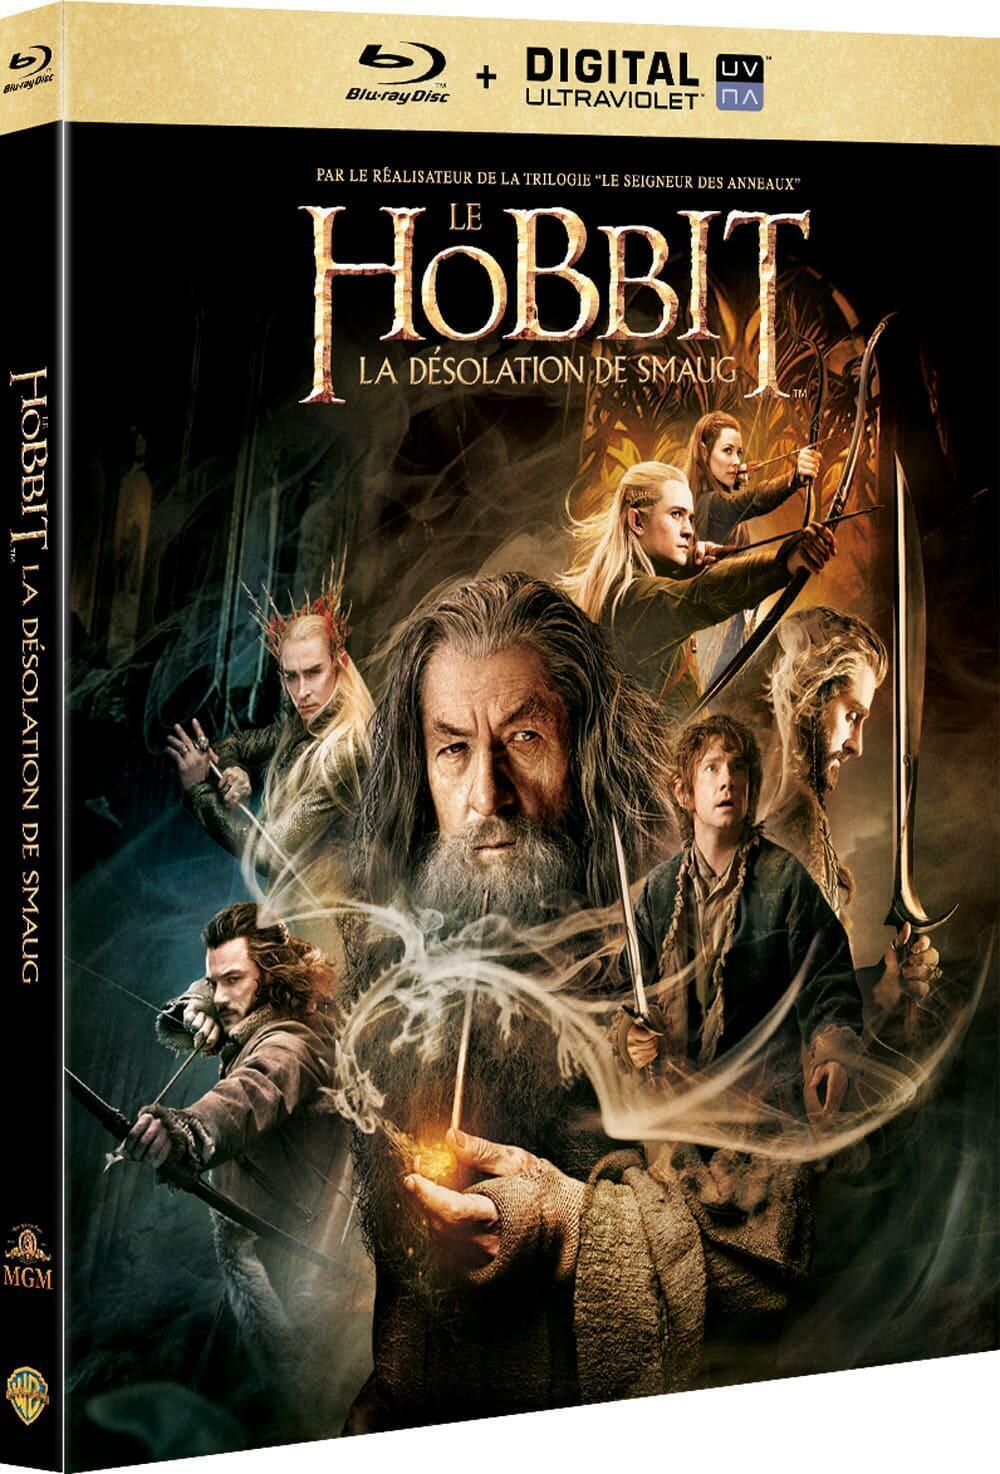 Miss Bobby_Blu-Ray - Le Hobbit La Désolation_de Smaug